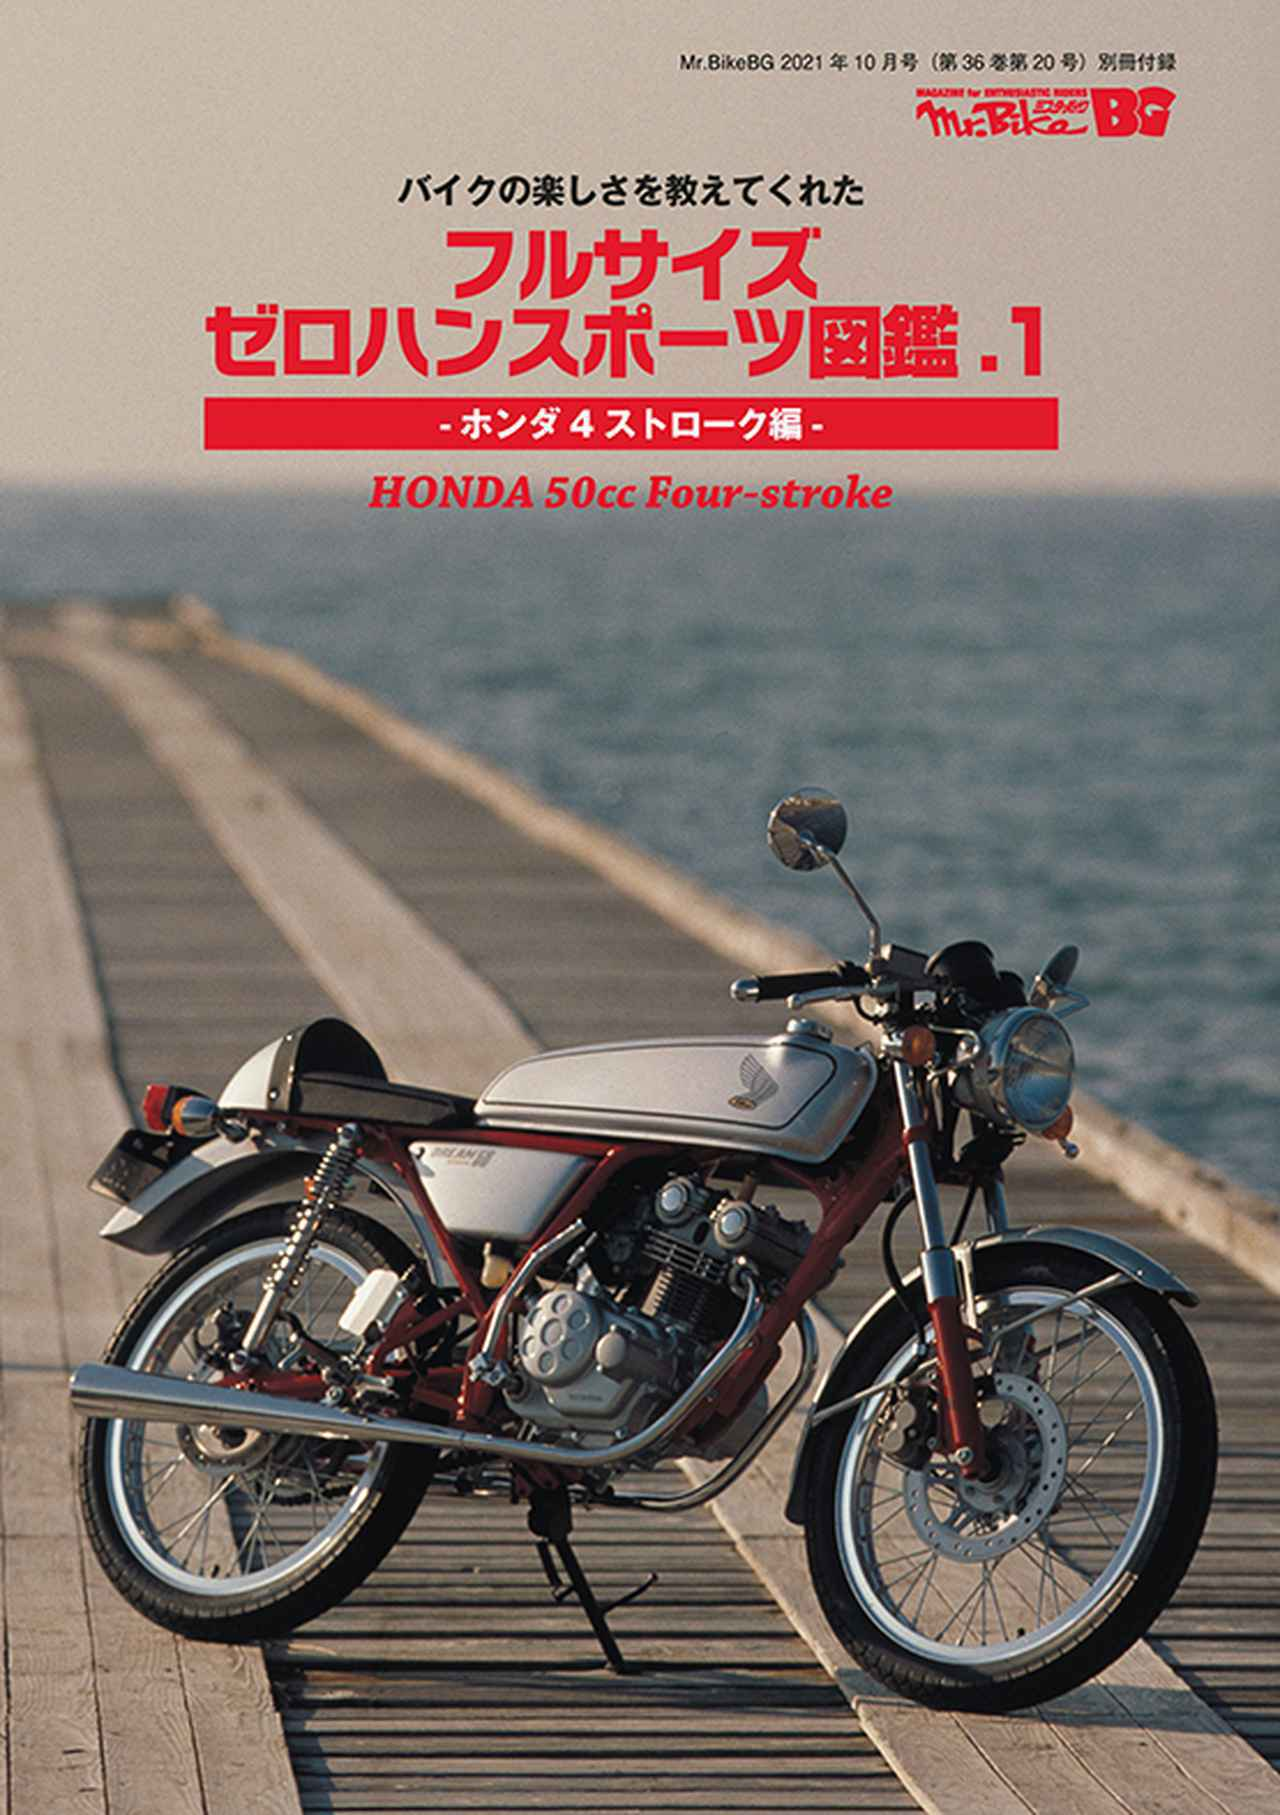 画像11: 『ミスター・バイクBG』2021年10月号 好評発売中! 別冊付録「フルサイズ ゼロハンスポーツ図鑑.1」もセットの特大号